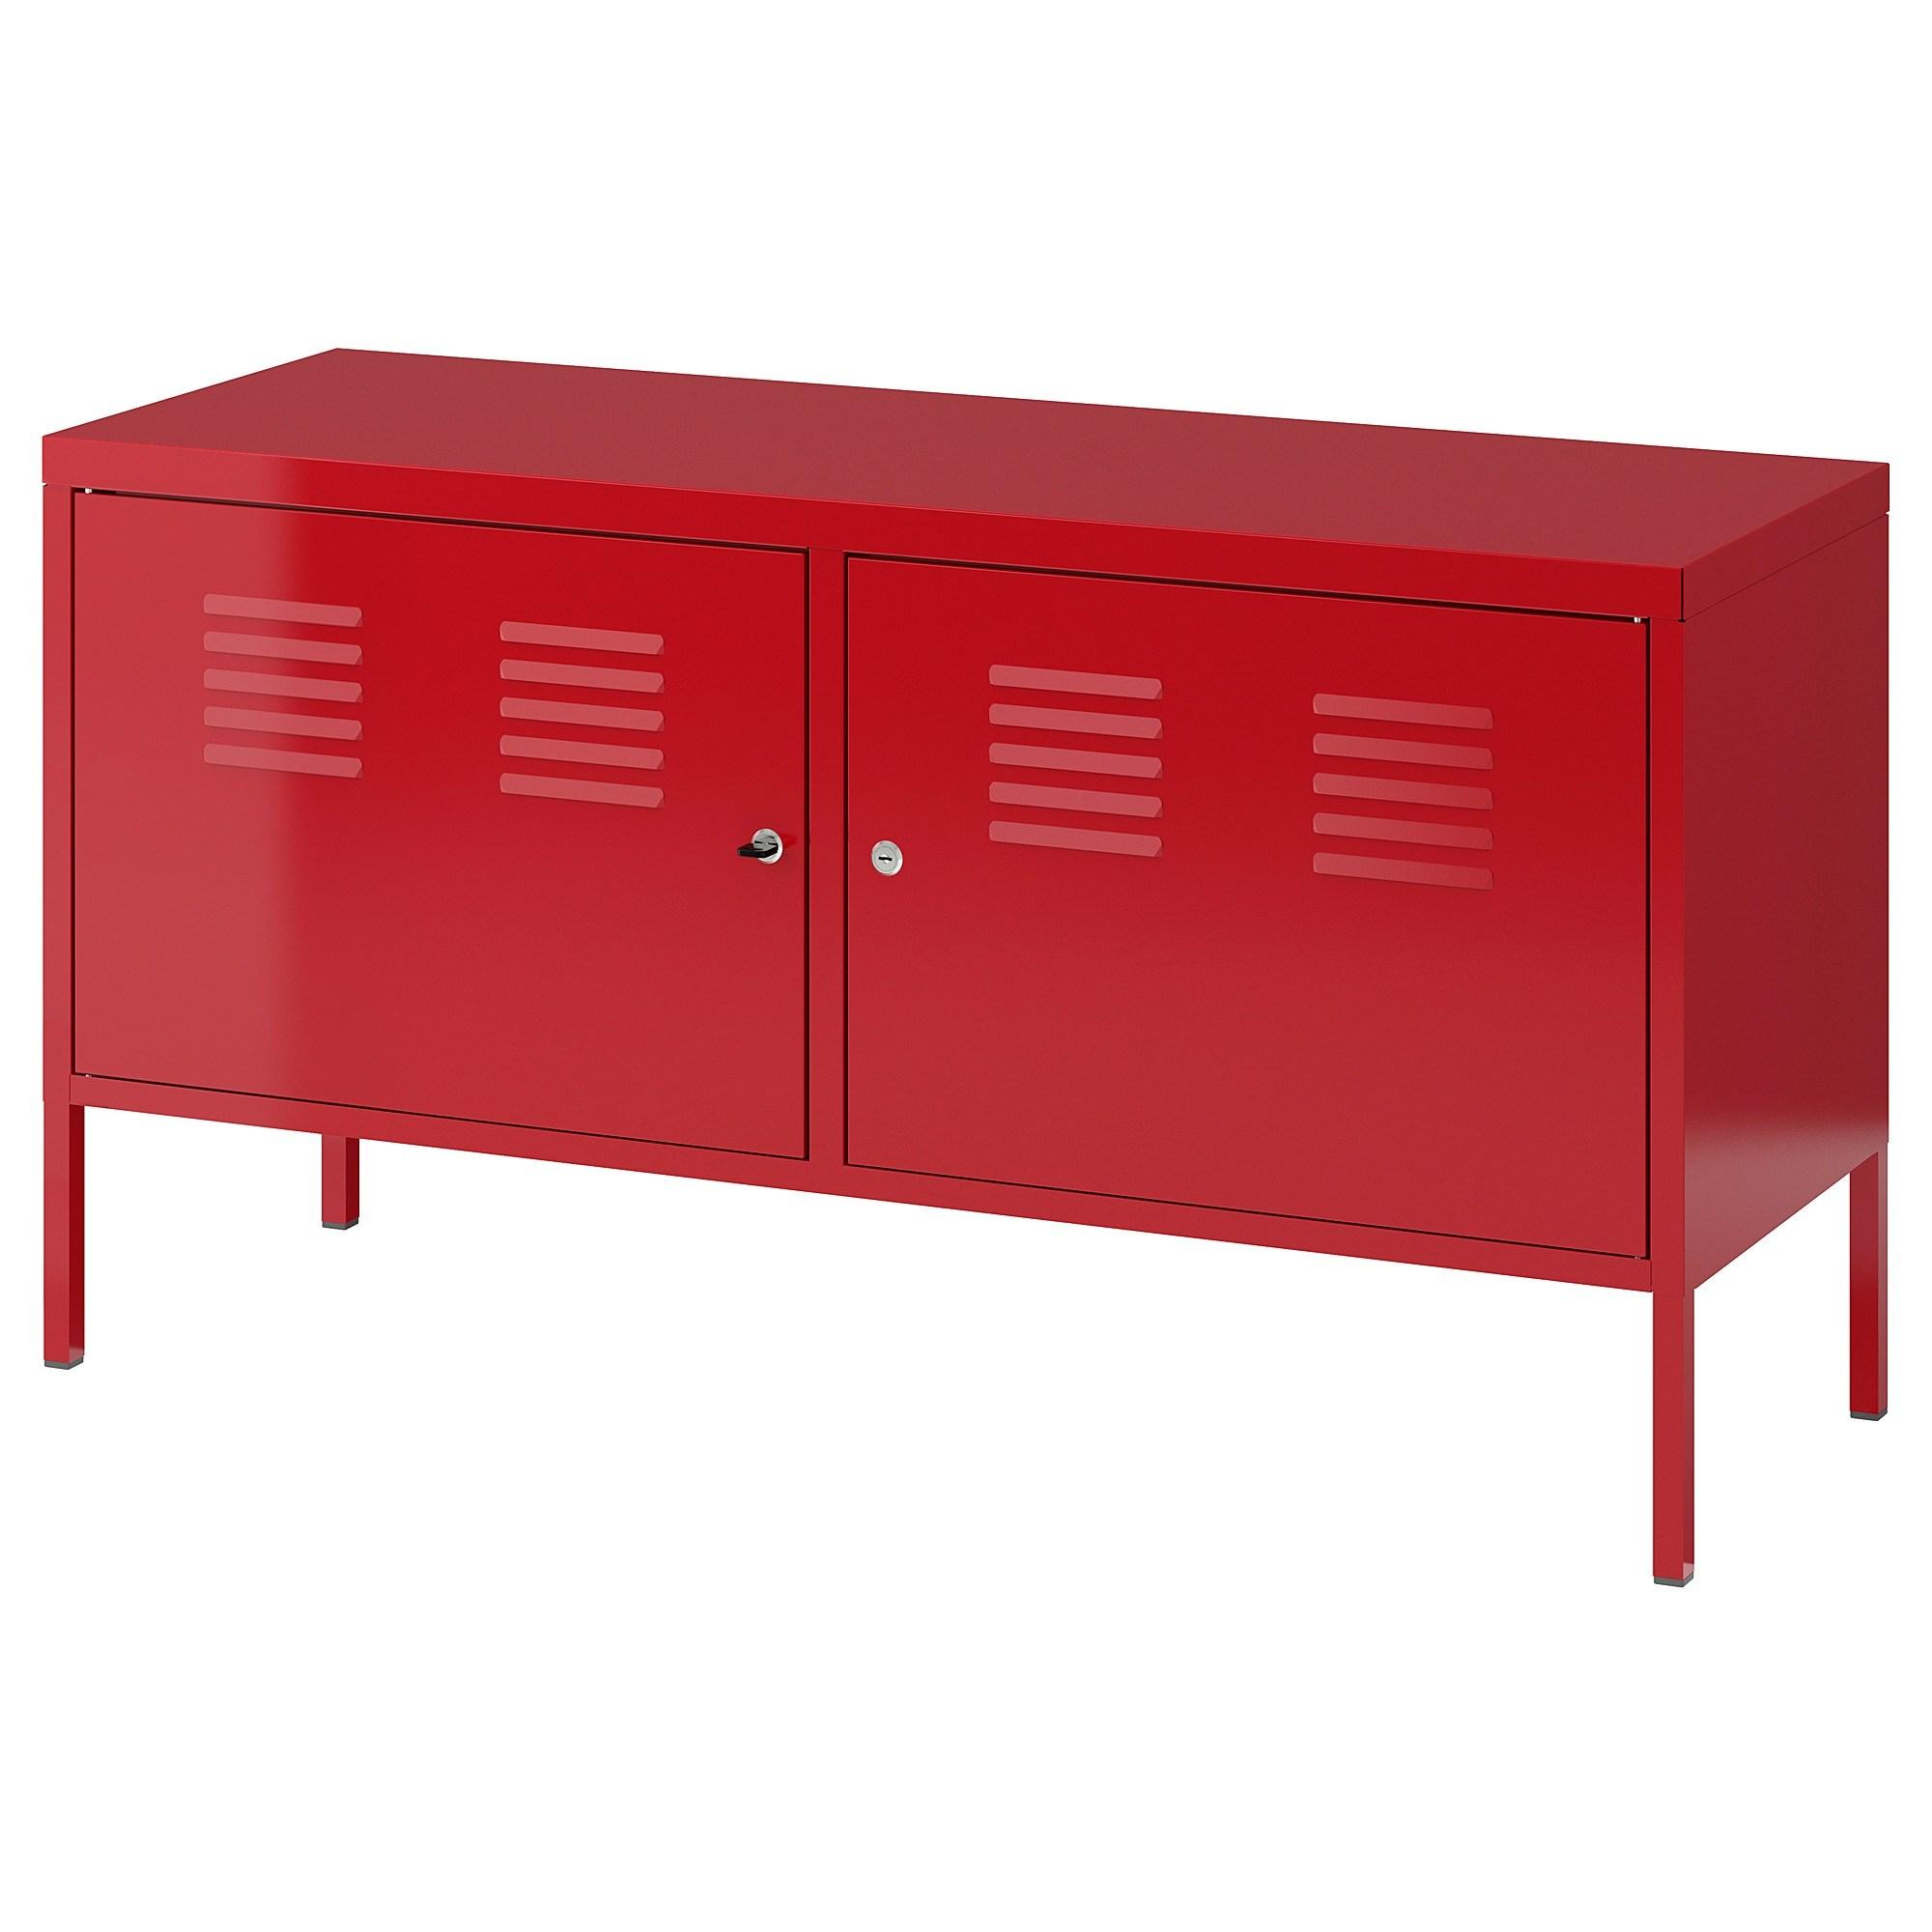 이케아 IKEA PS 철제 수납장, 레드 201.683.43